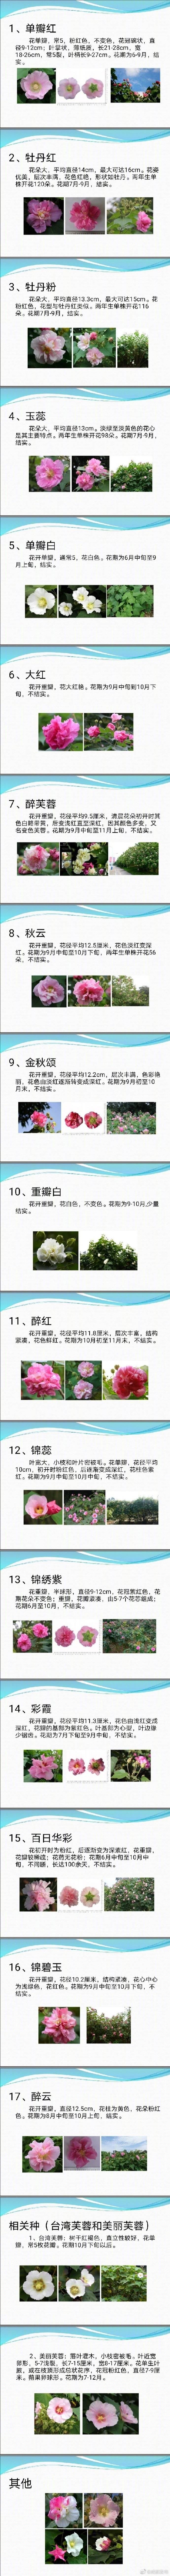 成都市植物园芙蓉花花卉入选国家级卉种质资源库